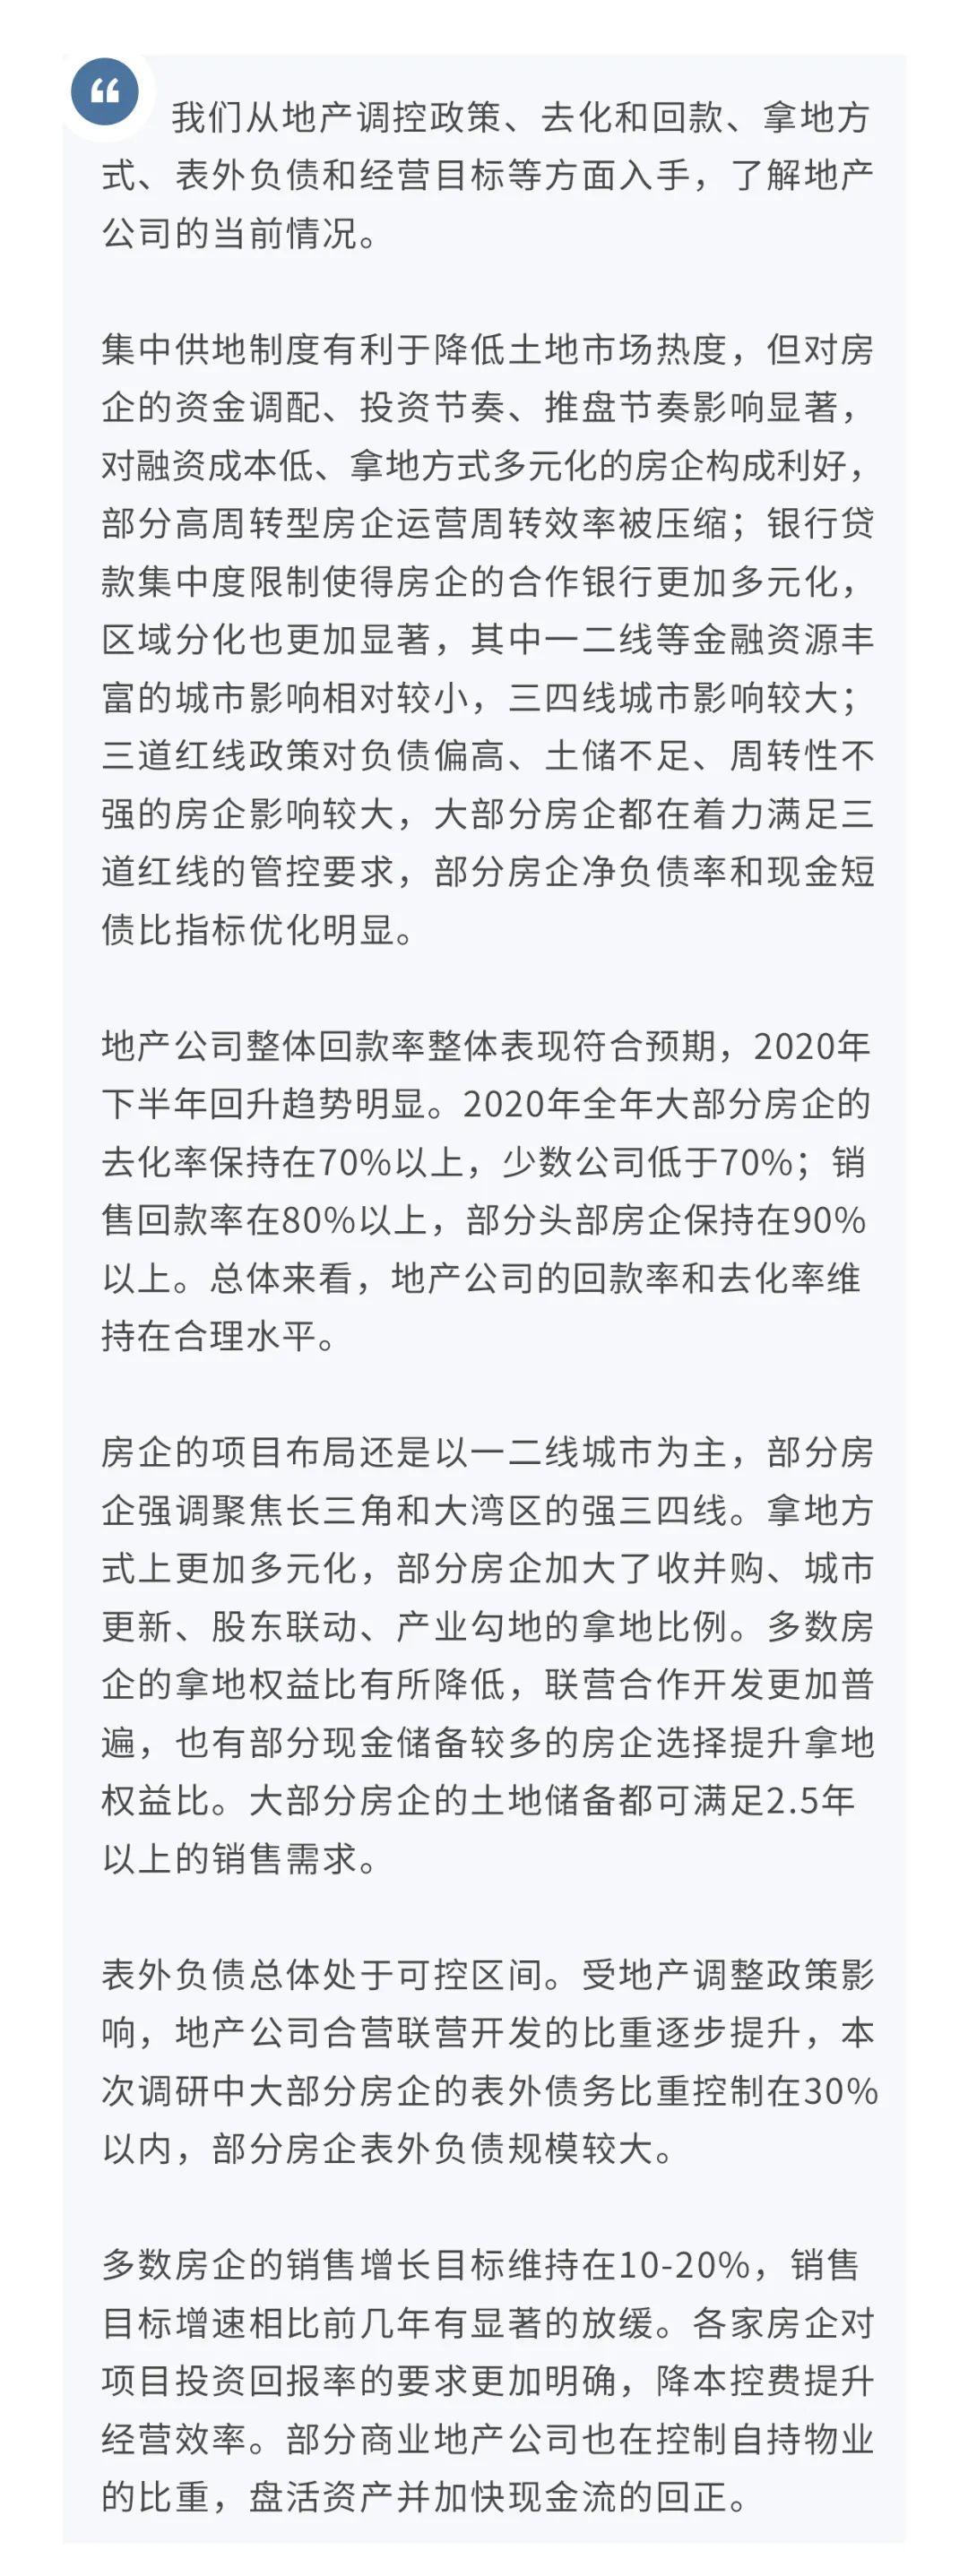 【产品】百家企业调研第8期(二)—地产公司调研总结